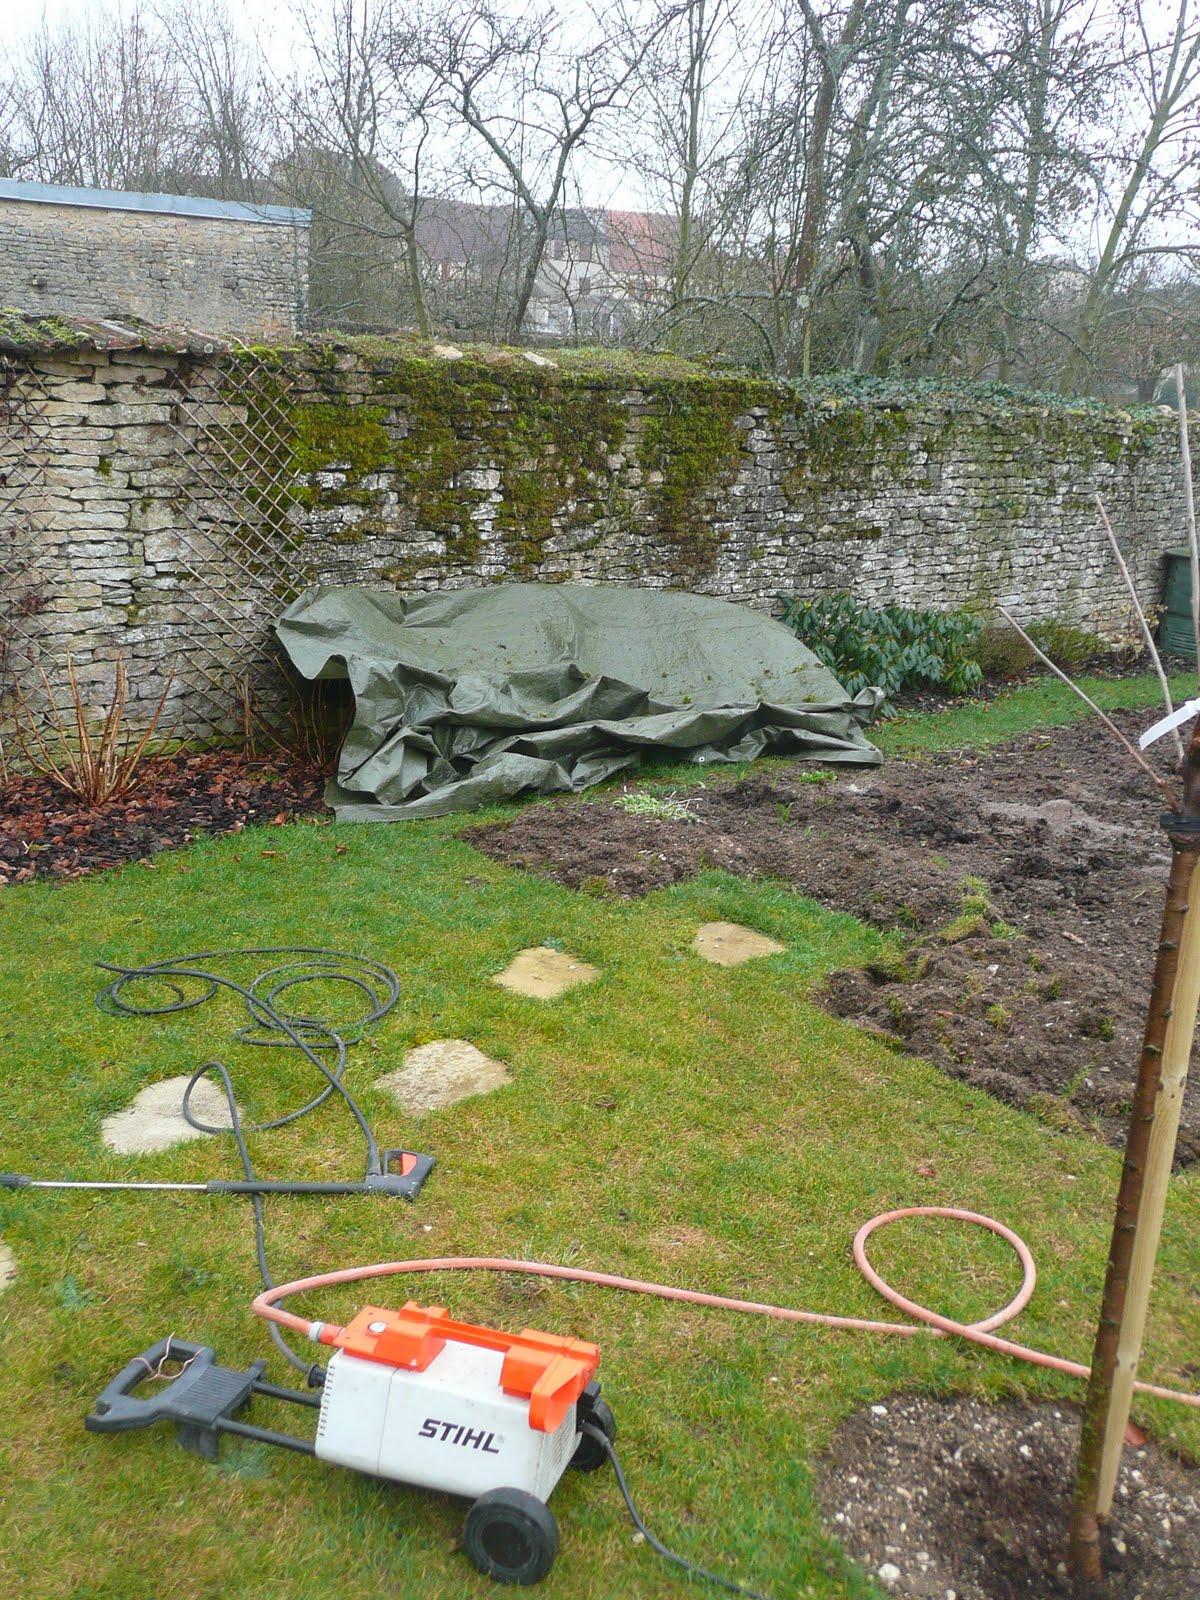 Notre jardin secret nettoyage de printemps for Nettoyage jardin printemps